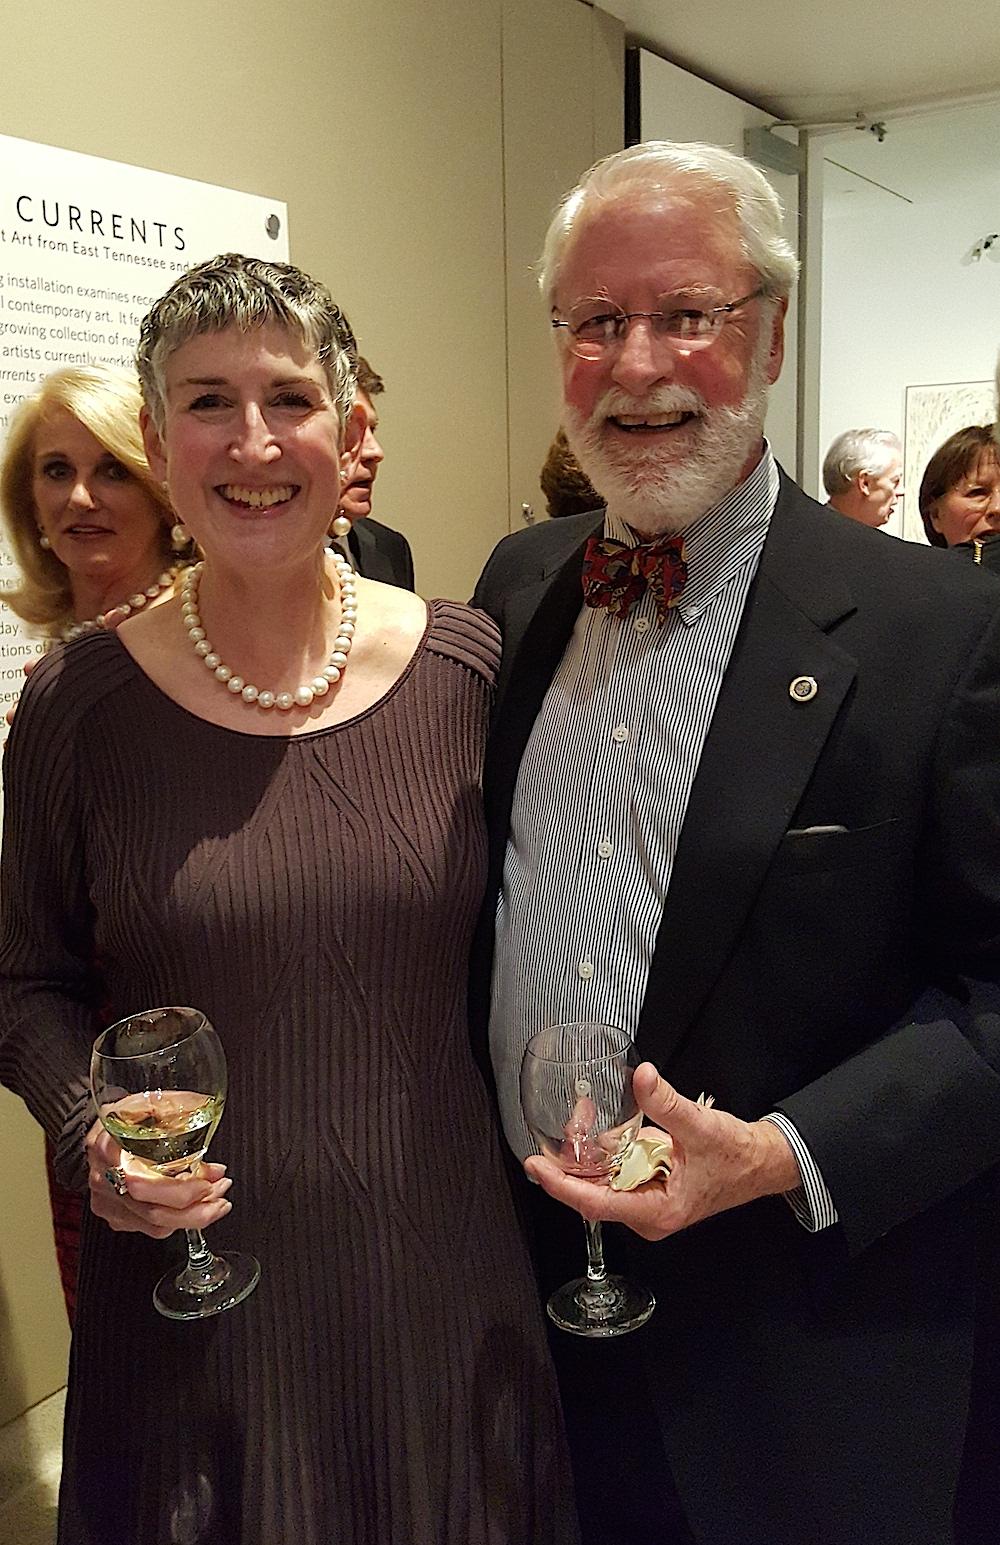 City Councilman Finbarr Saunders and his wife, Ellen Bebb.